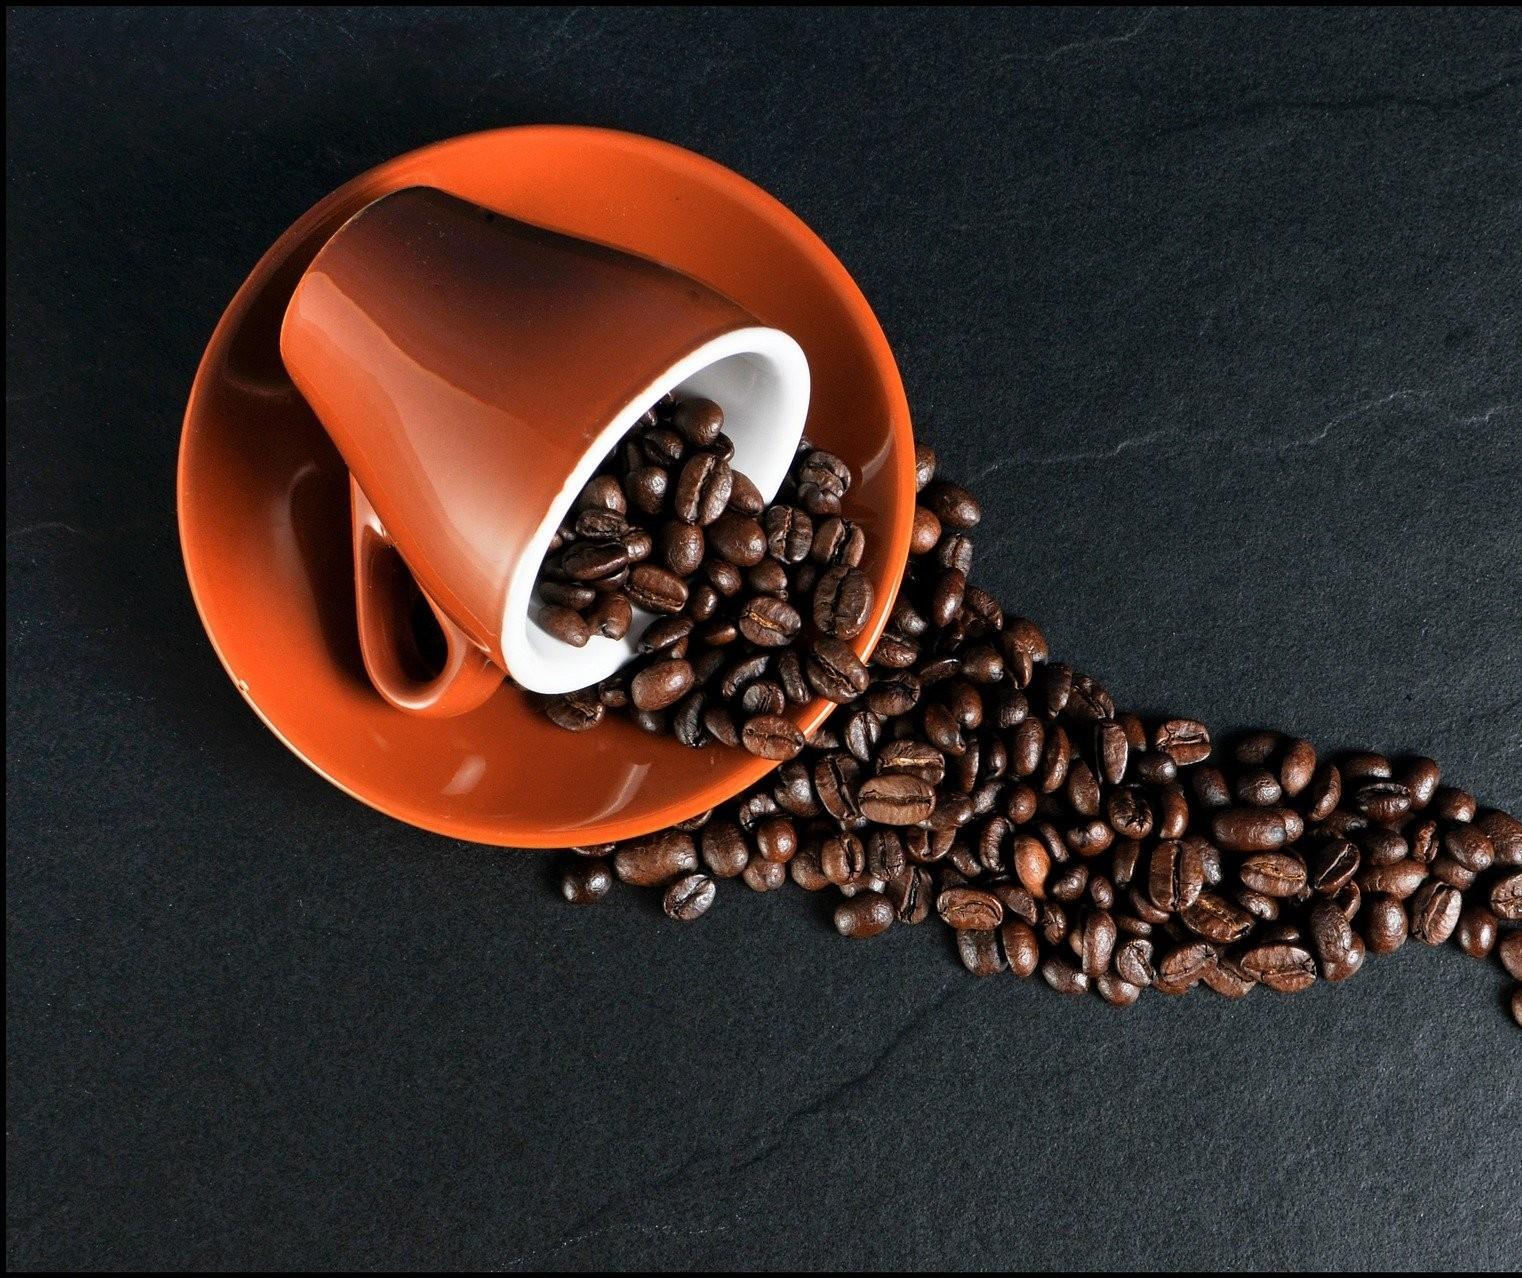 Saca do café beneficiado custa R$ 455,00